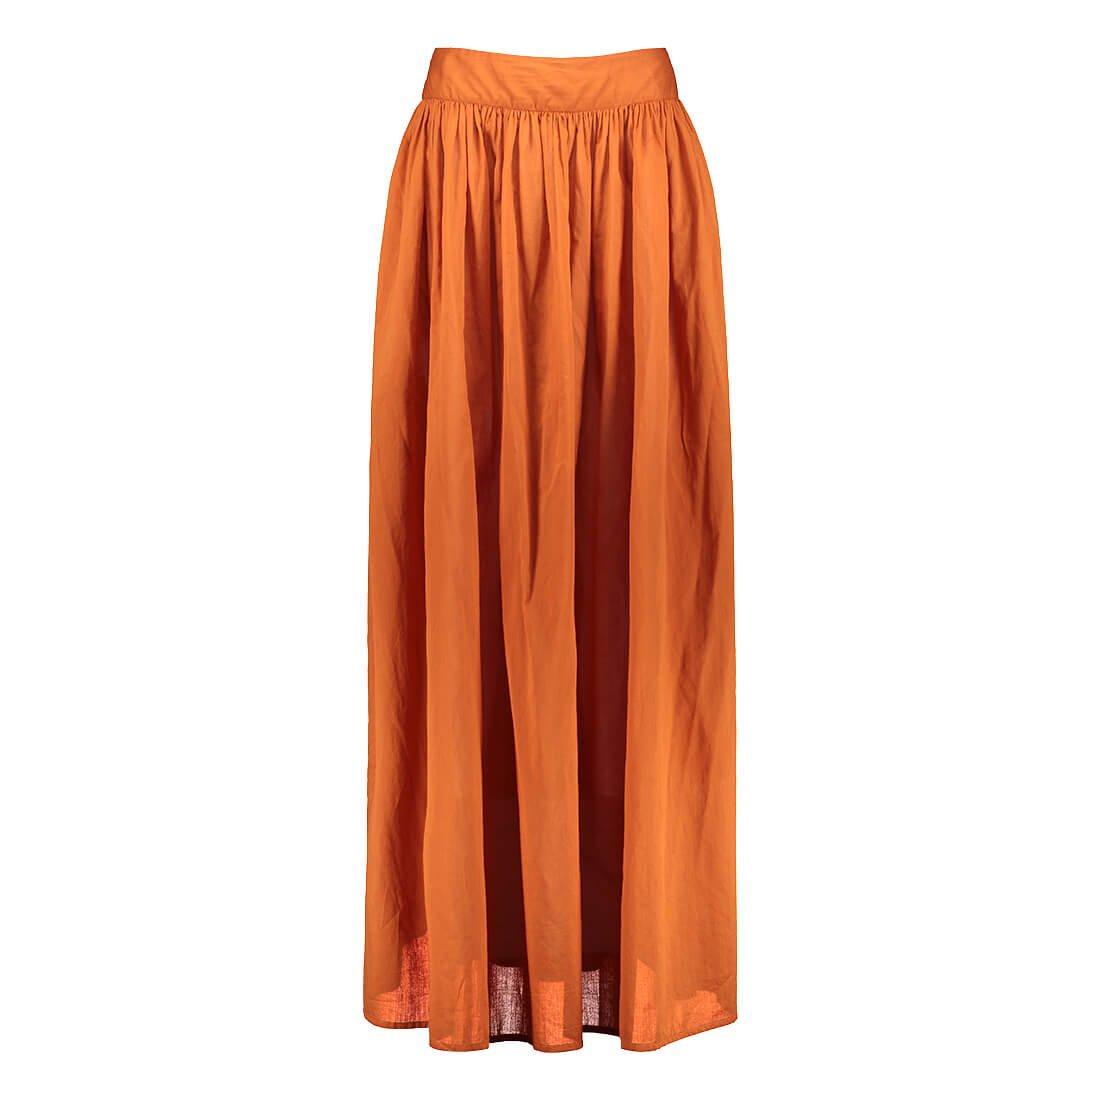 Full-length 100% cotton skirt 1